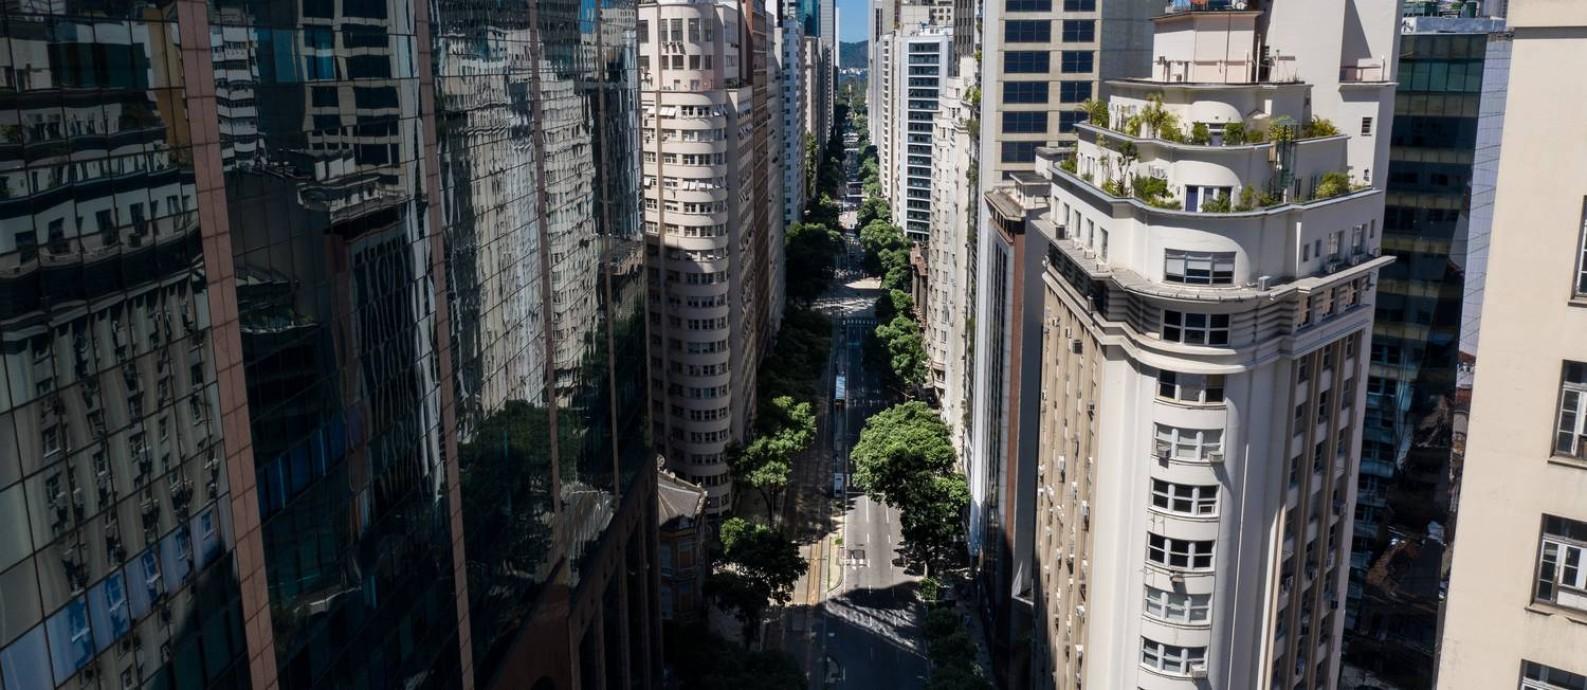 Metamorfose urbana: a transformação de imóveis comerciais em moradias é apontada como solução para evitar o esvaziamento da região central Foto: Brenno Carvalho / Agência O Globo